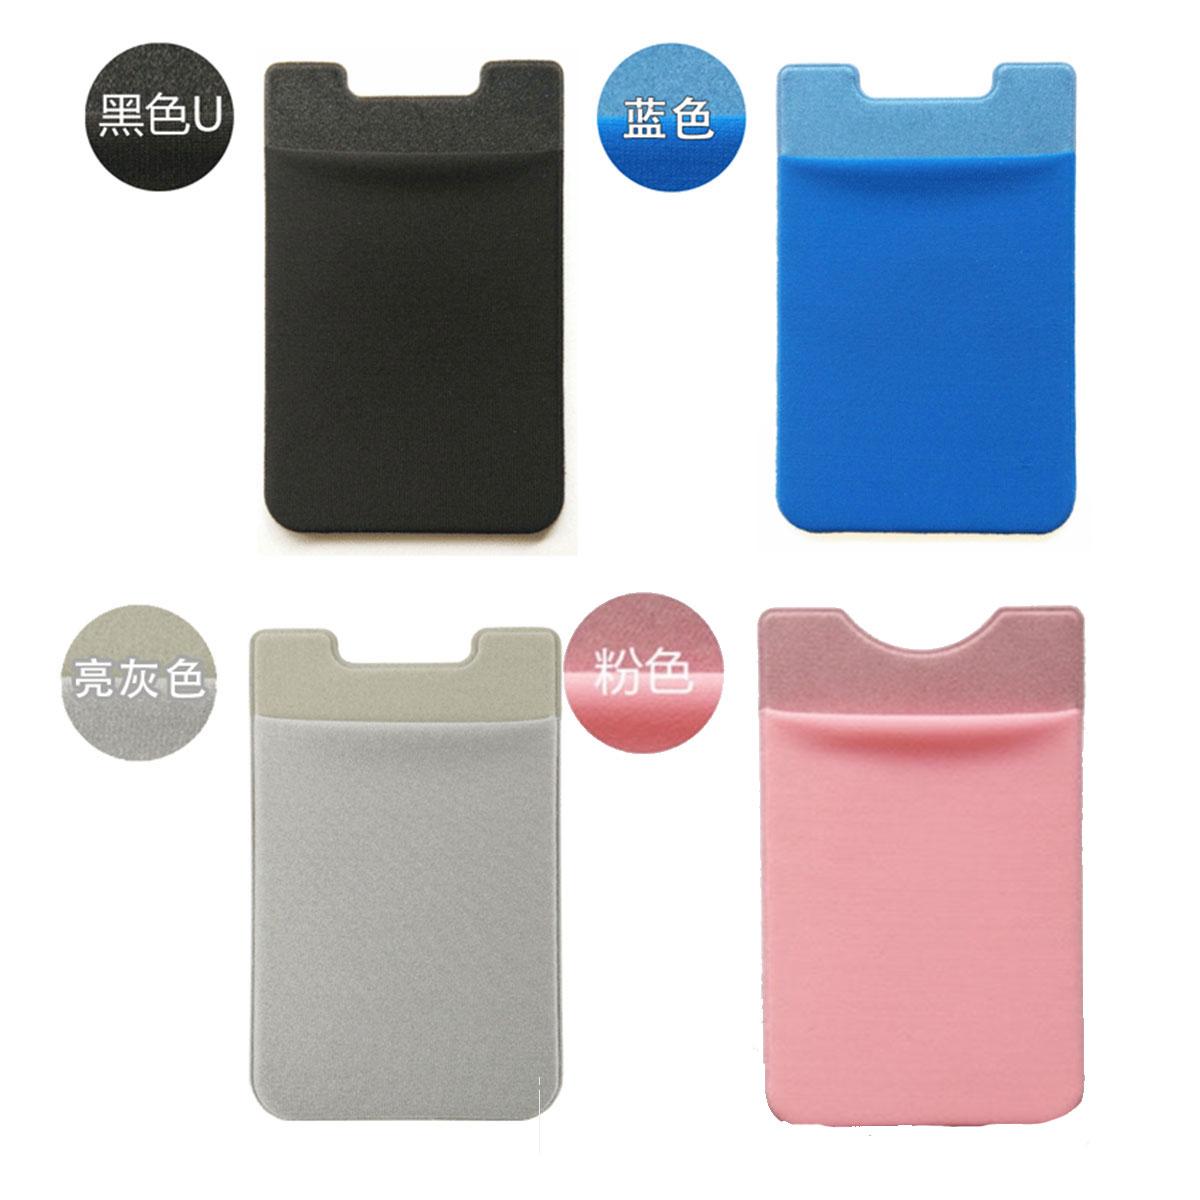 HB Wallet 插卡錢包手機彈力插卡背貼